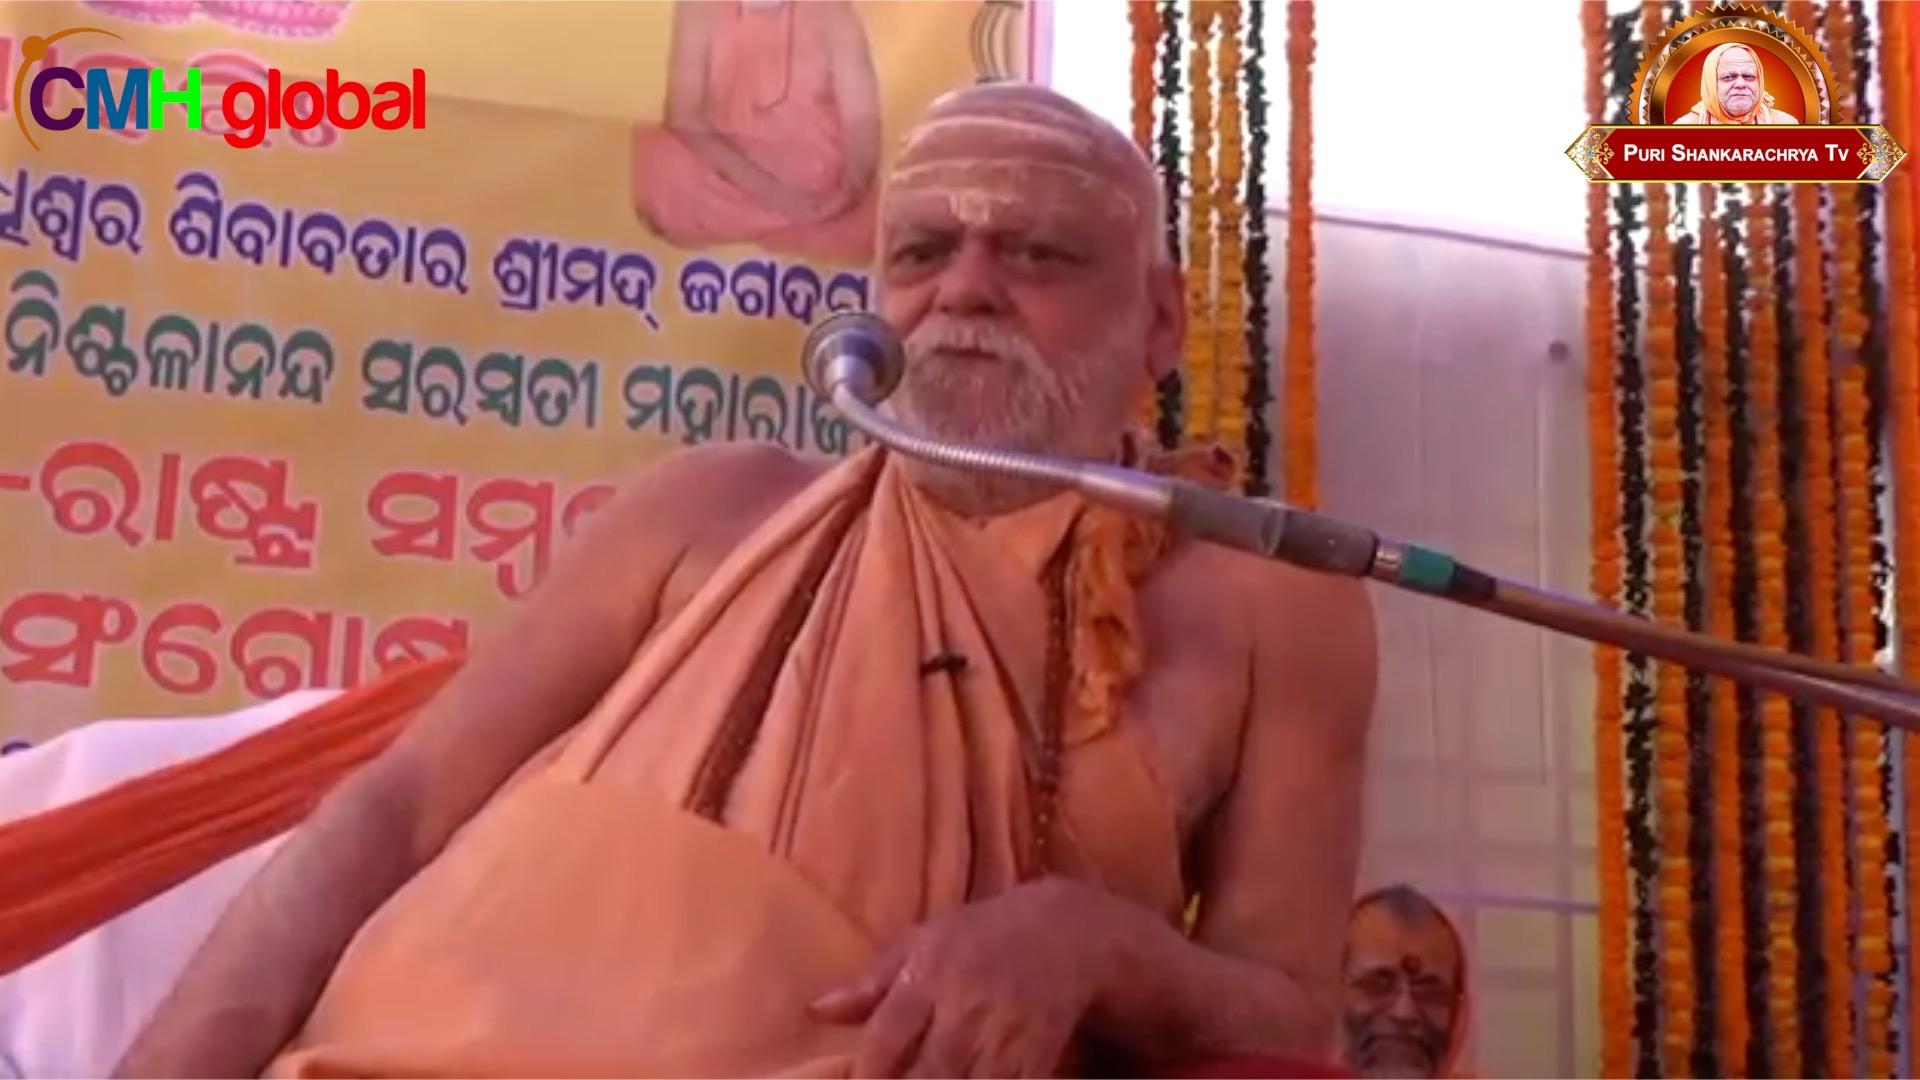 Gyan Dhara Ep -09 by Puri Shankaracharya Swami Nishchalananda Saraswati Ji